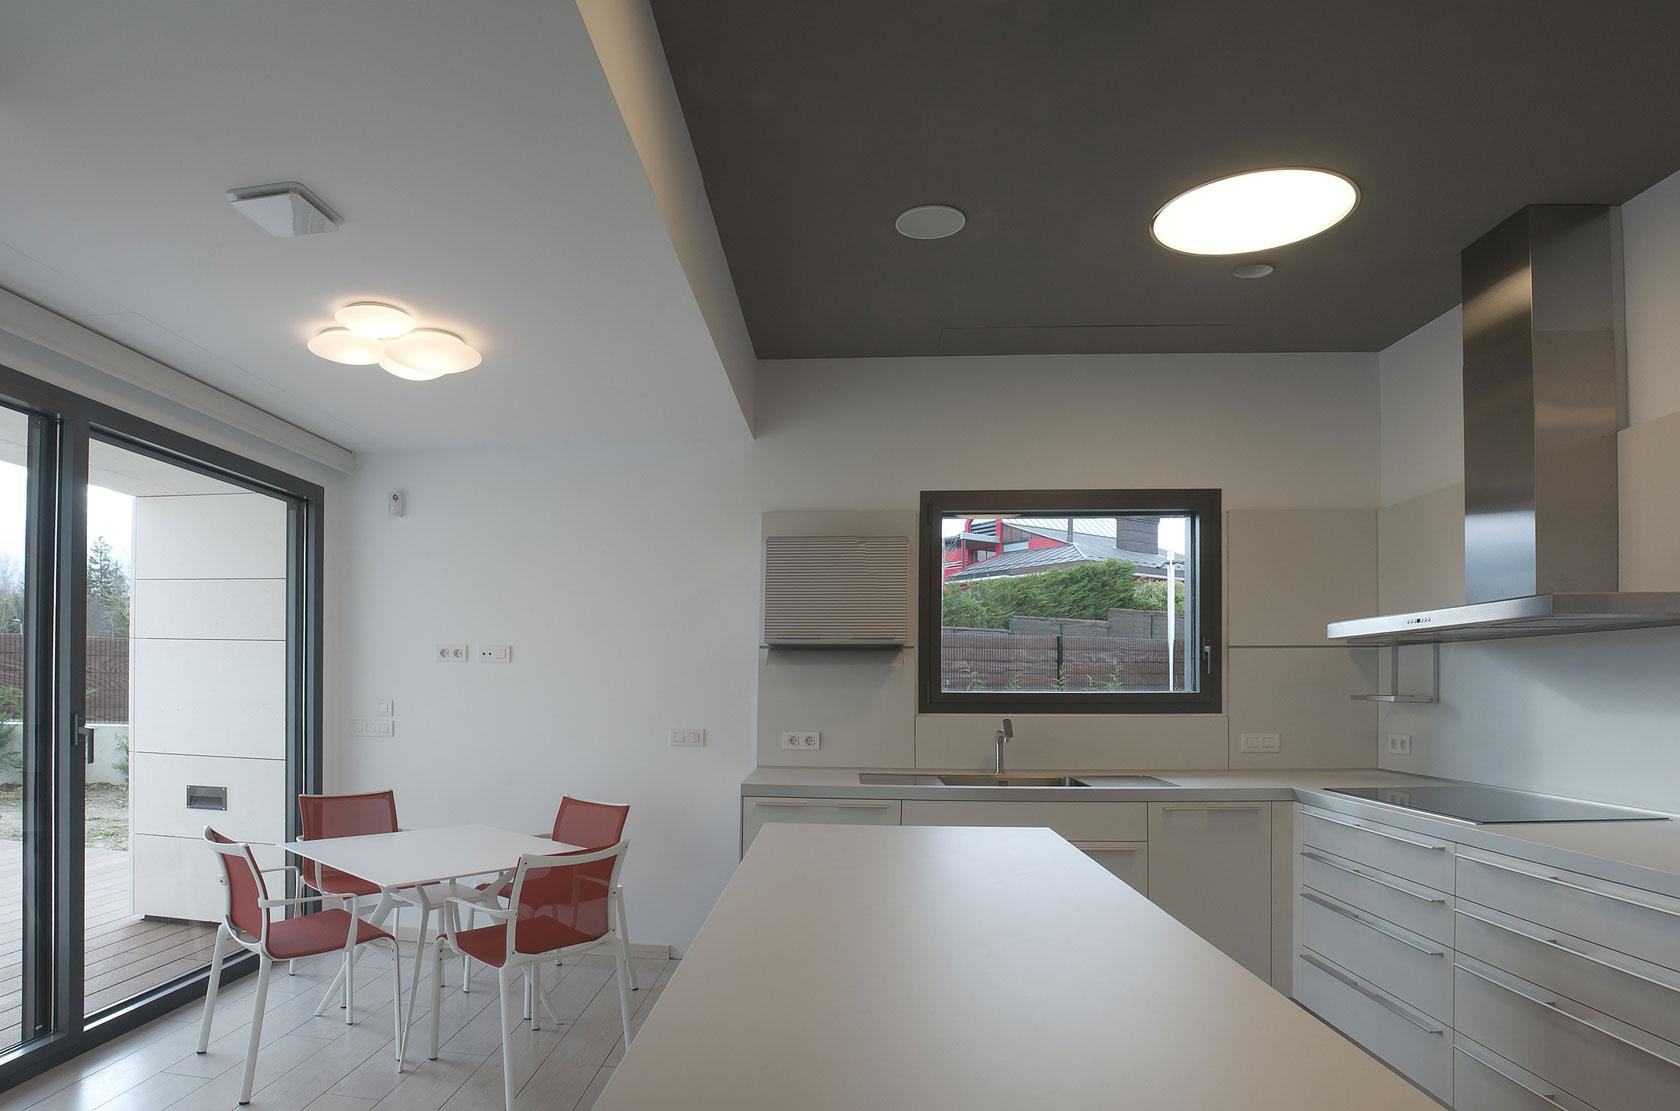 Роскошный интерьер белой кухни - Фото 29